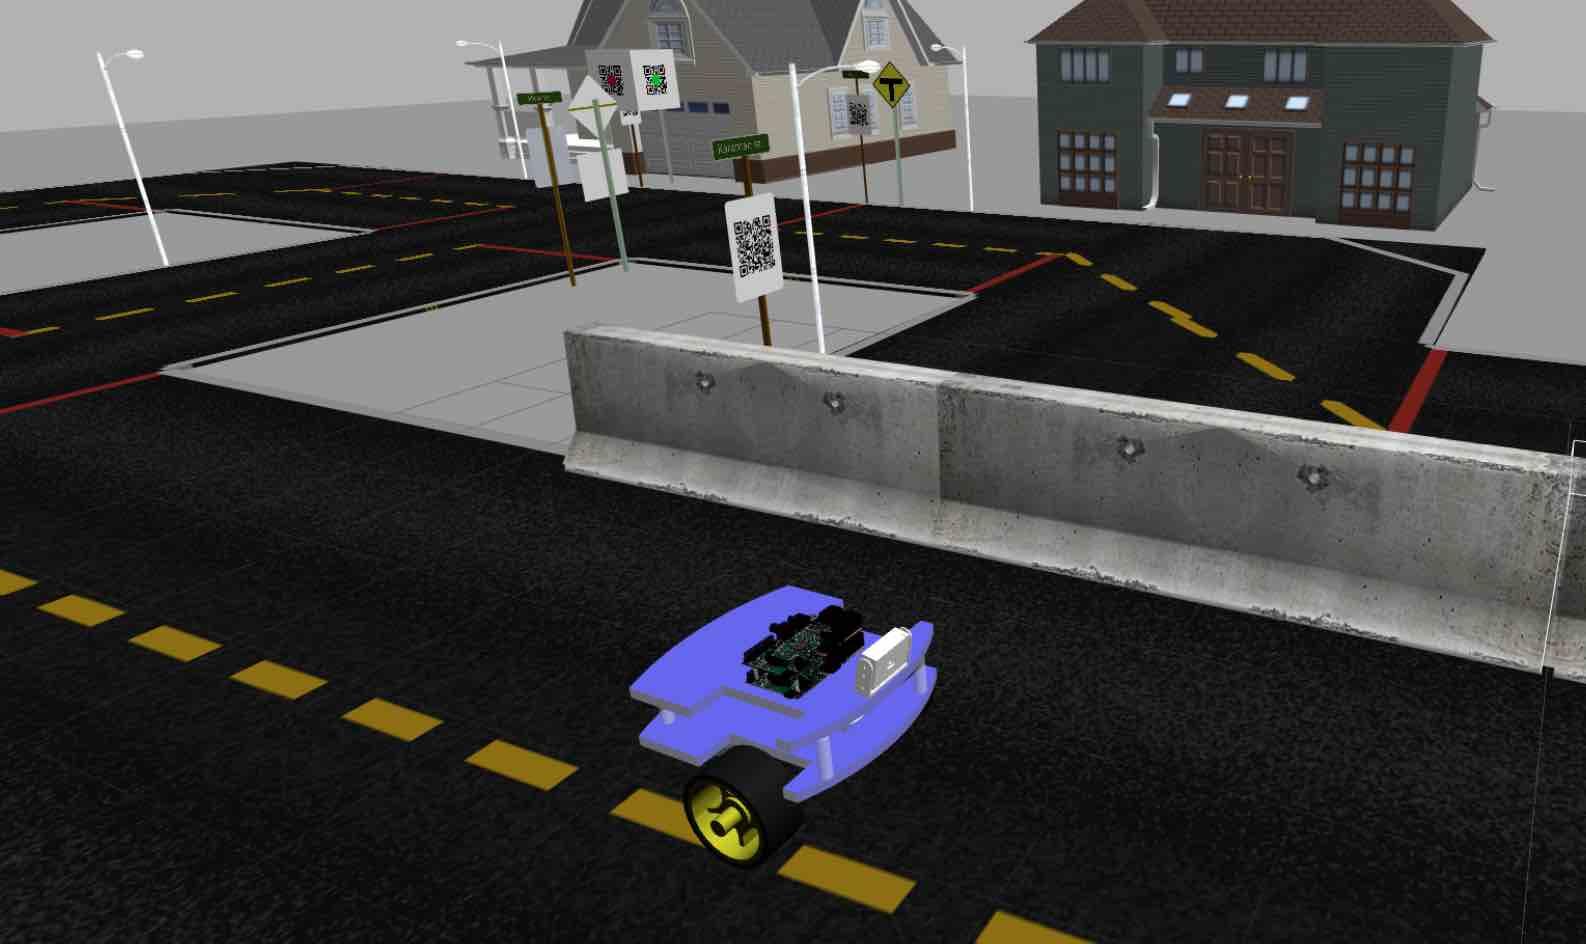 6- Robot Autonomous Navigation line following